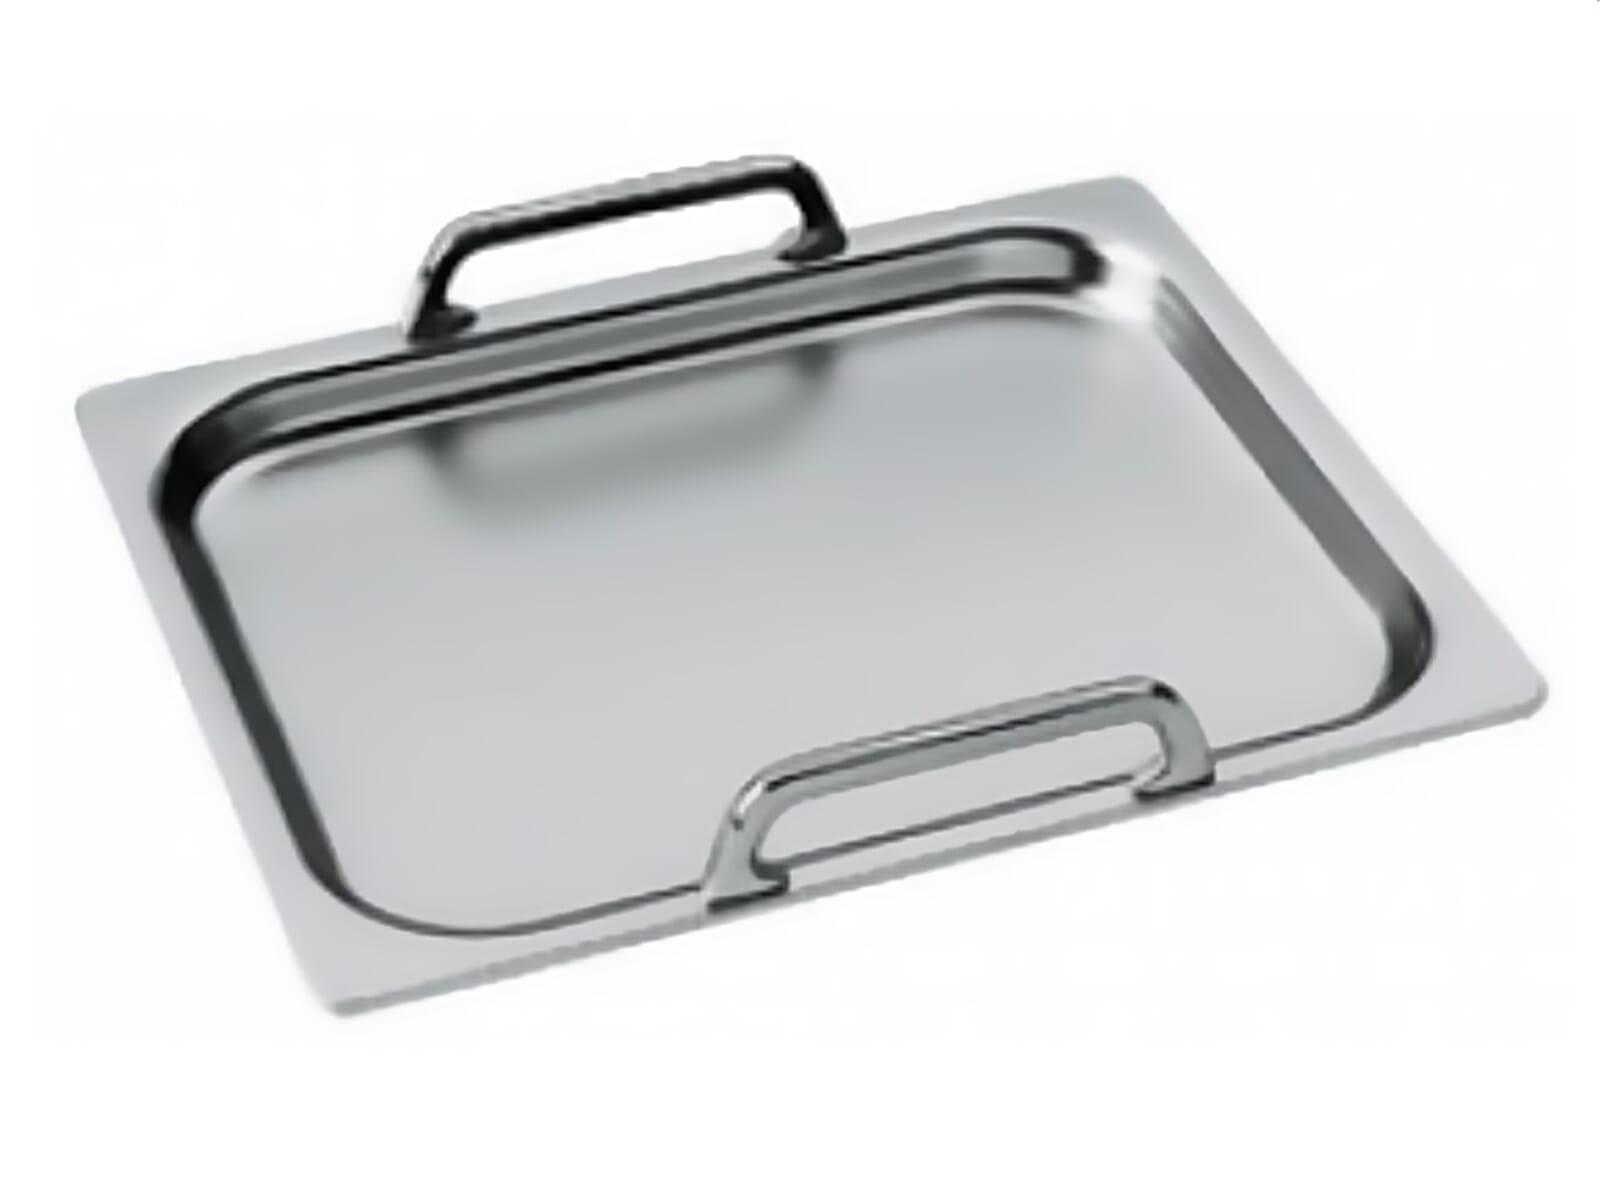 Smeg tpk teppan yaki grillplatte edelstahl fur 49900 eur for Grillplatte edelstahl